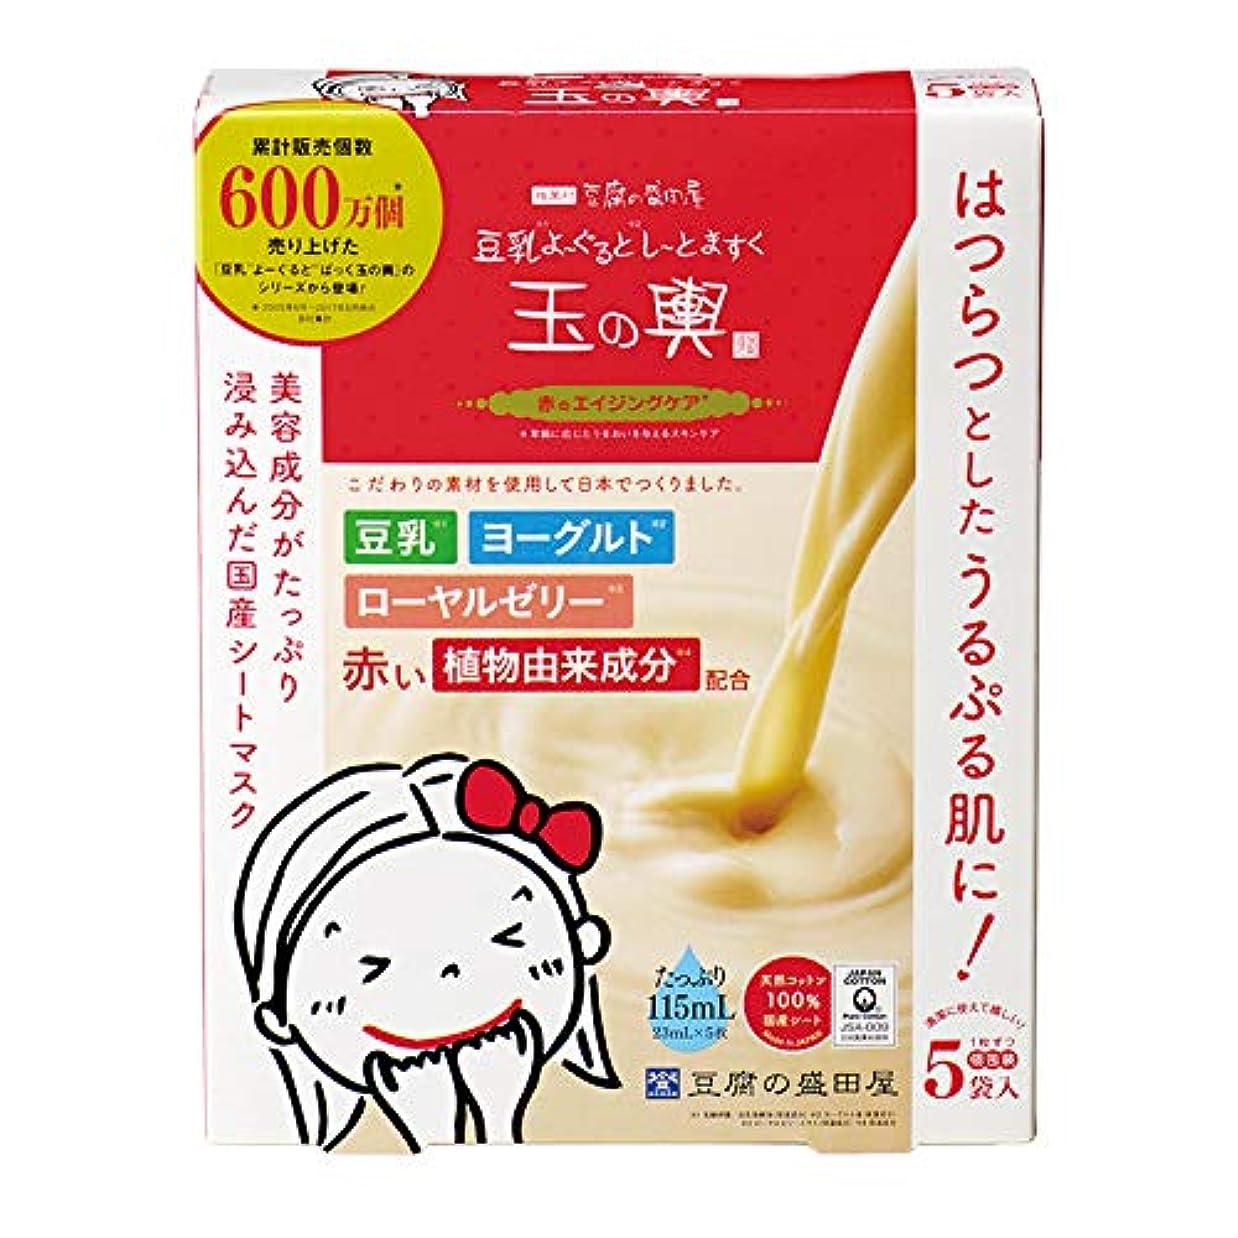 クロニクル直立種をまく豆腐の盛田屋 豆乳よーぐるとしーとますく 玉の輿〈赤のエイジングケア〉23mL×5枚